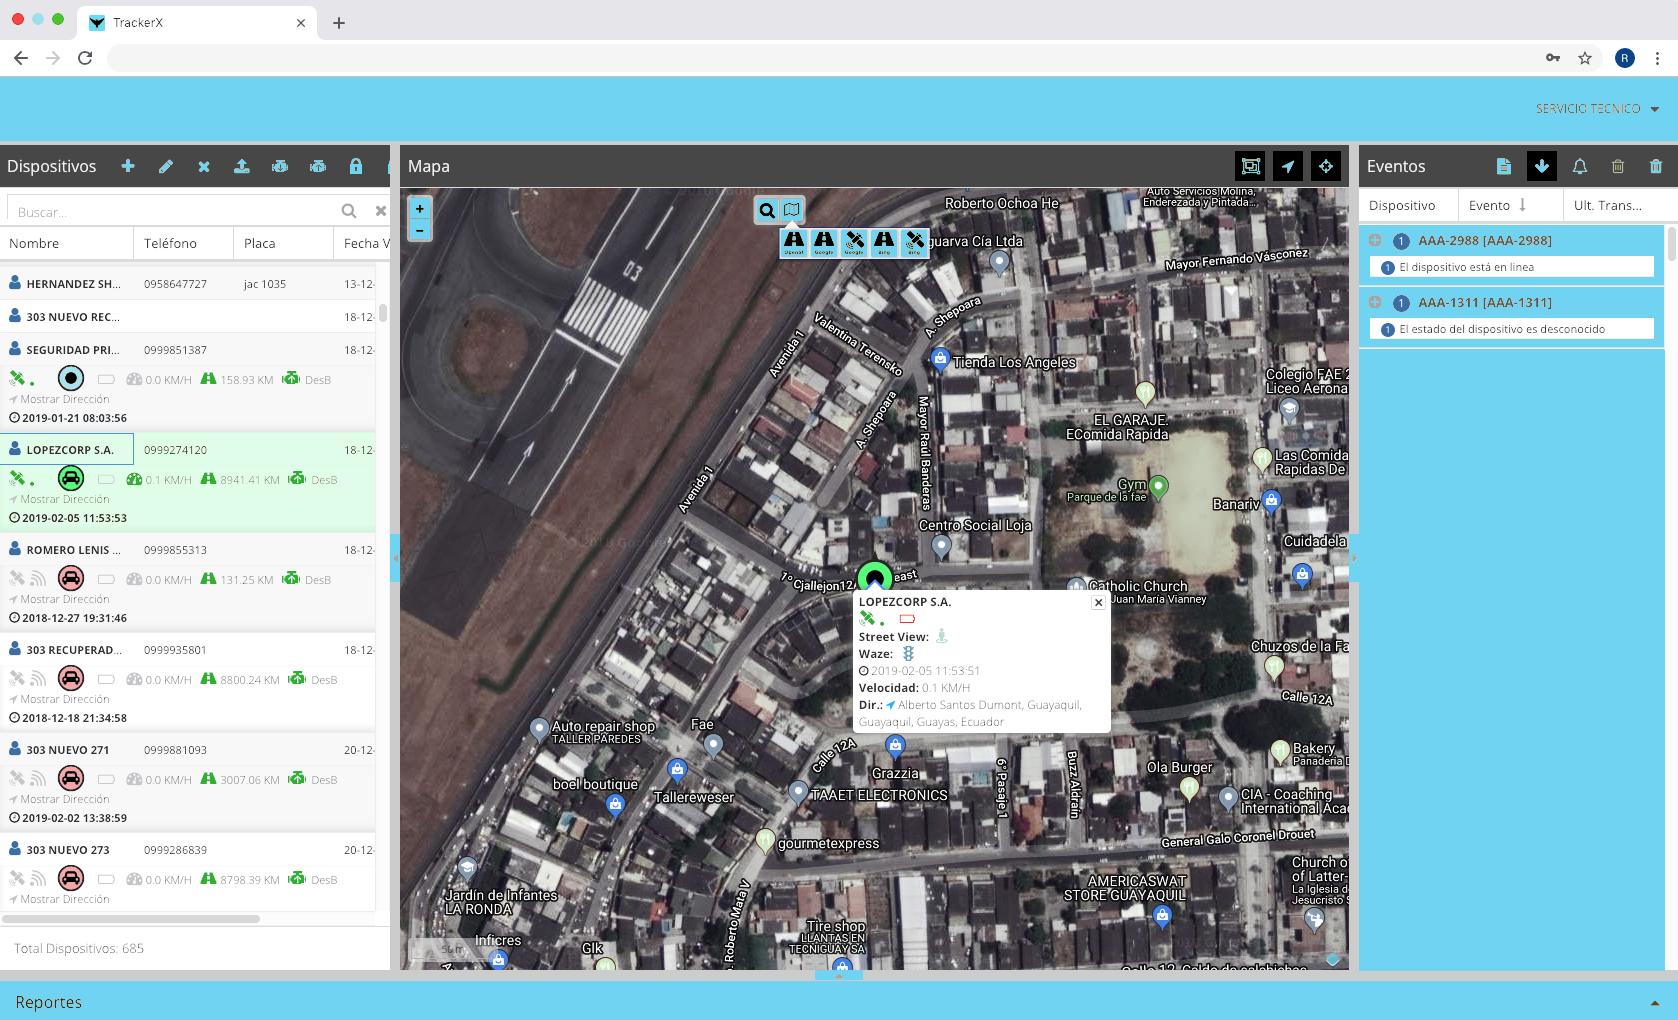 Captura de pantalla 2019-02-05 a la(s) 11.54.25